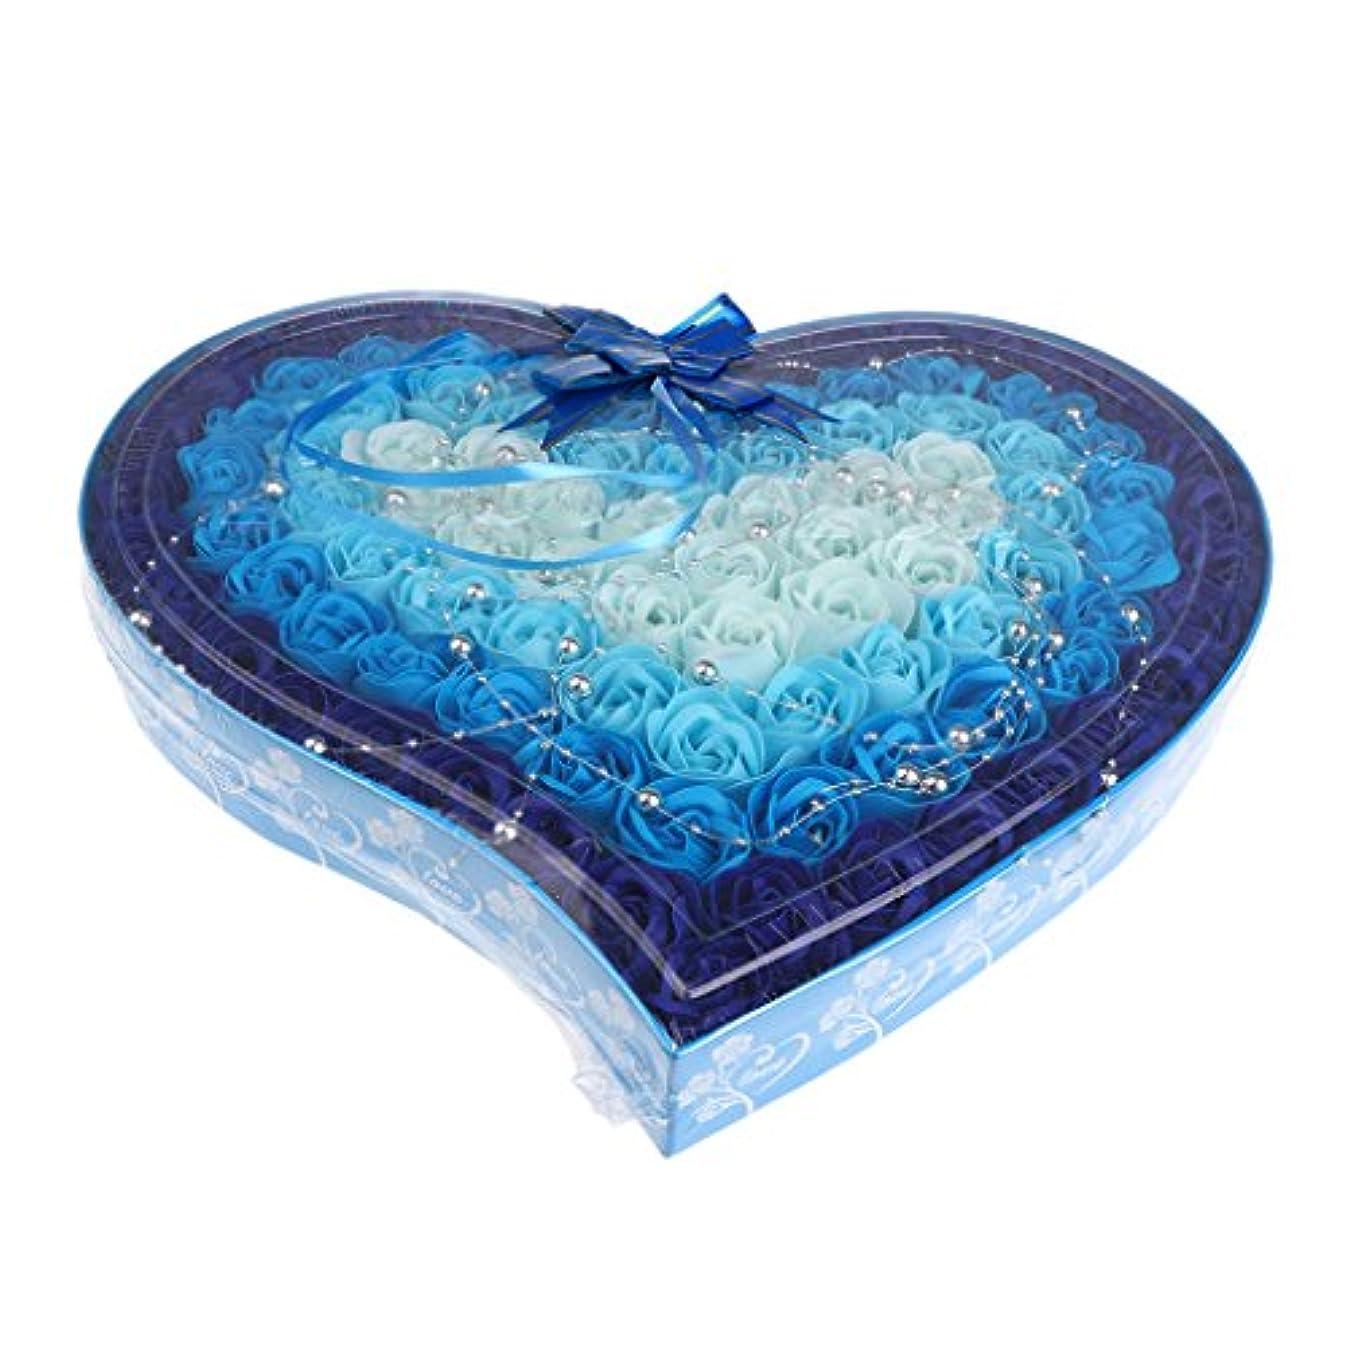 無法者合理化西部約100個 ソープフラワー 石鹸の花 母の日 心の形 ギフトボックス バレンタインデー ホワイトデー 母の日 結婚記念日 プレゼント 4色選択可 - 青